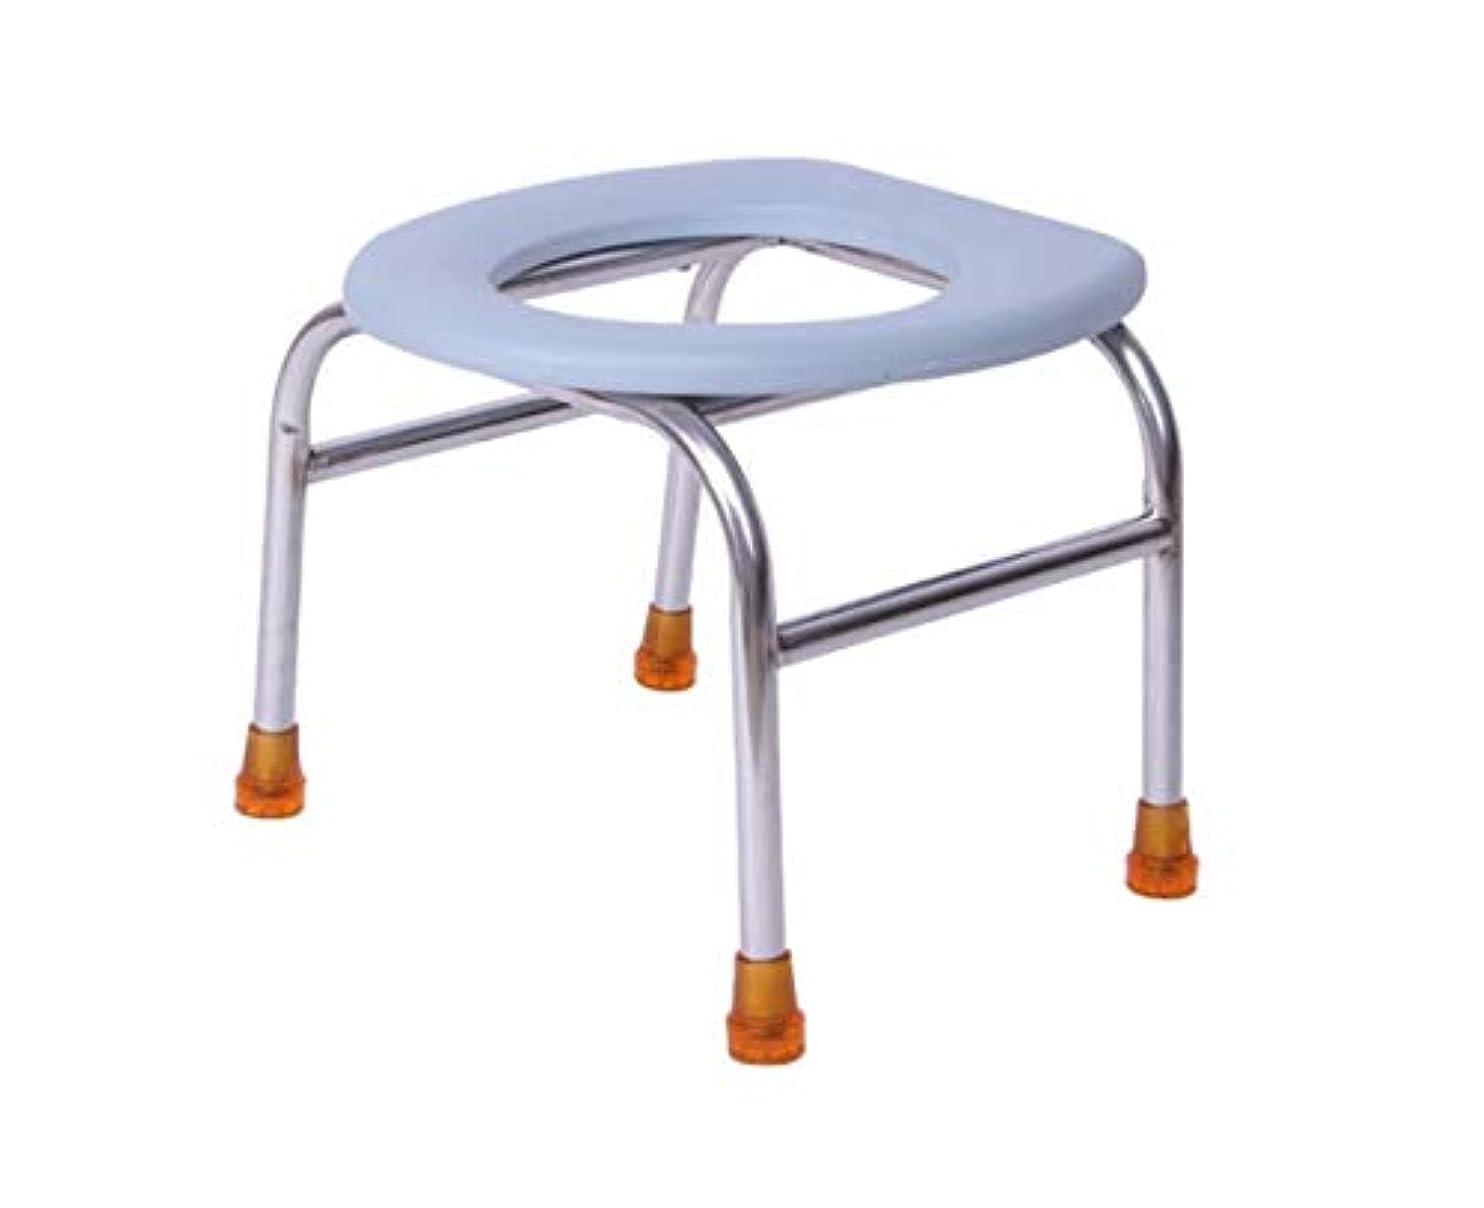 膨らみさわやか描く滑り止めの便座スツール、高齢者の障害のある妊娠中の女性に適した高齢者の補助浴室の椅子